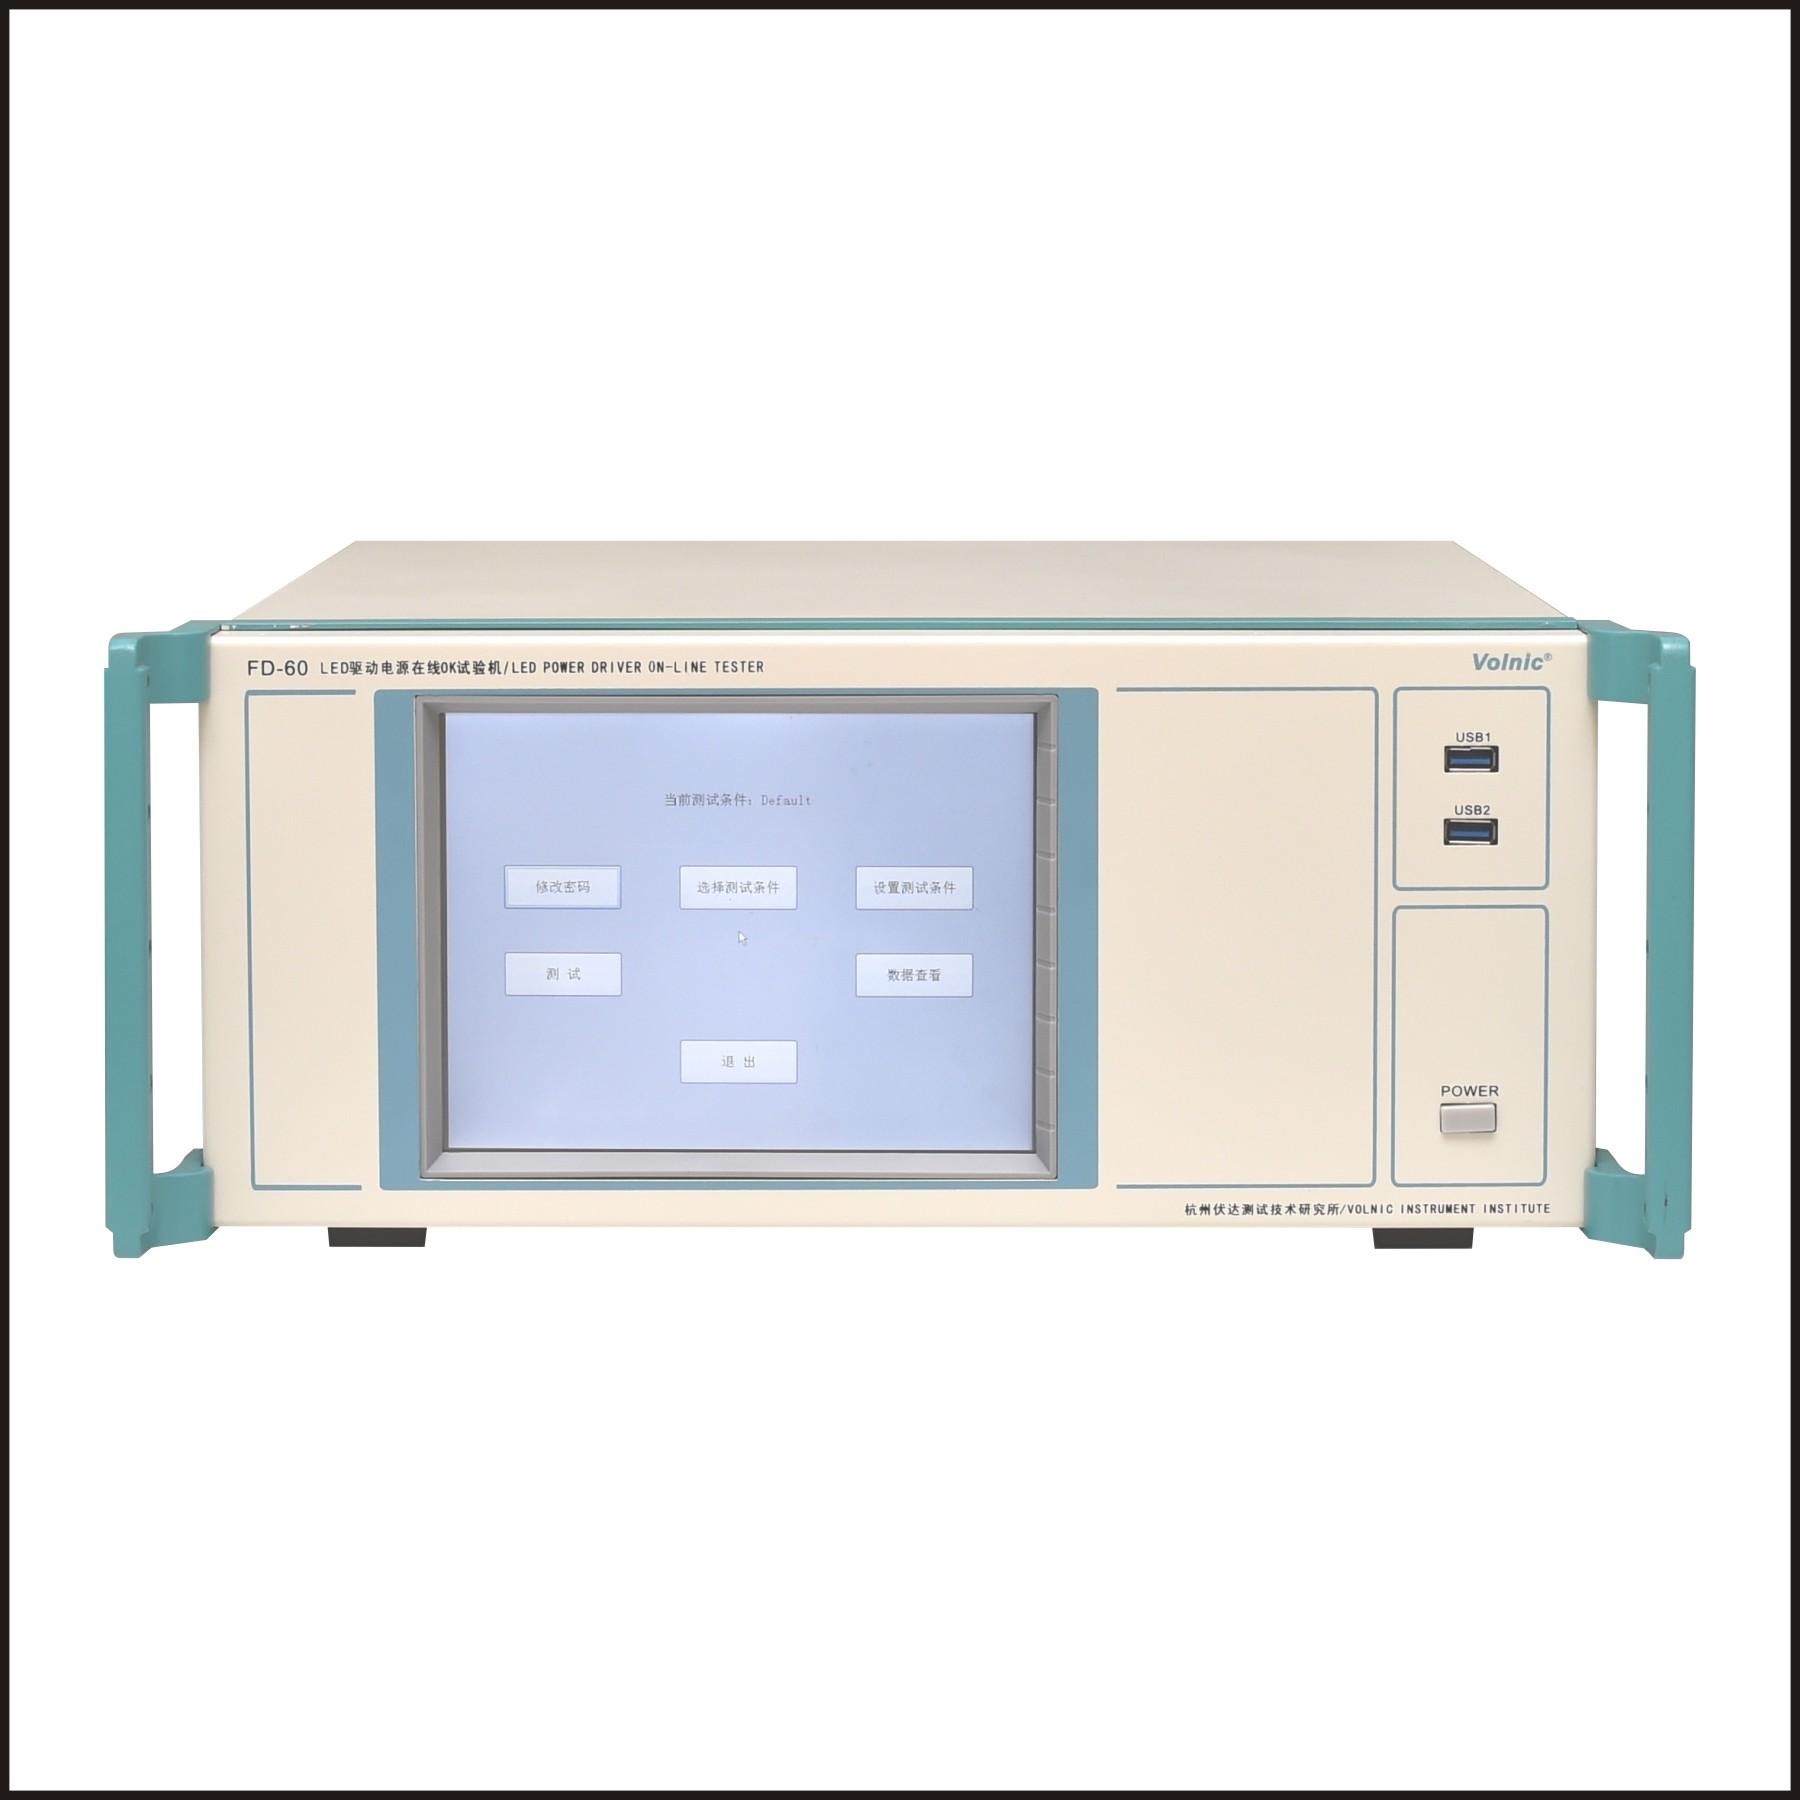 FD-60 LED驱动电源在线OK试验机